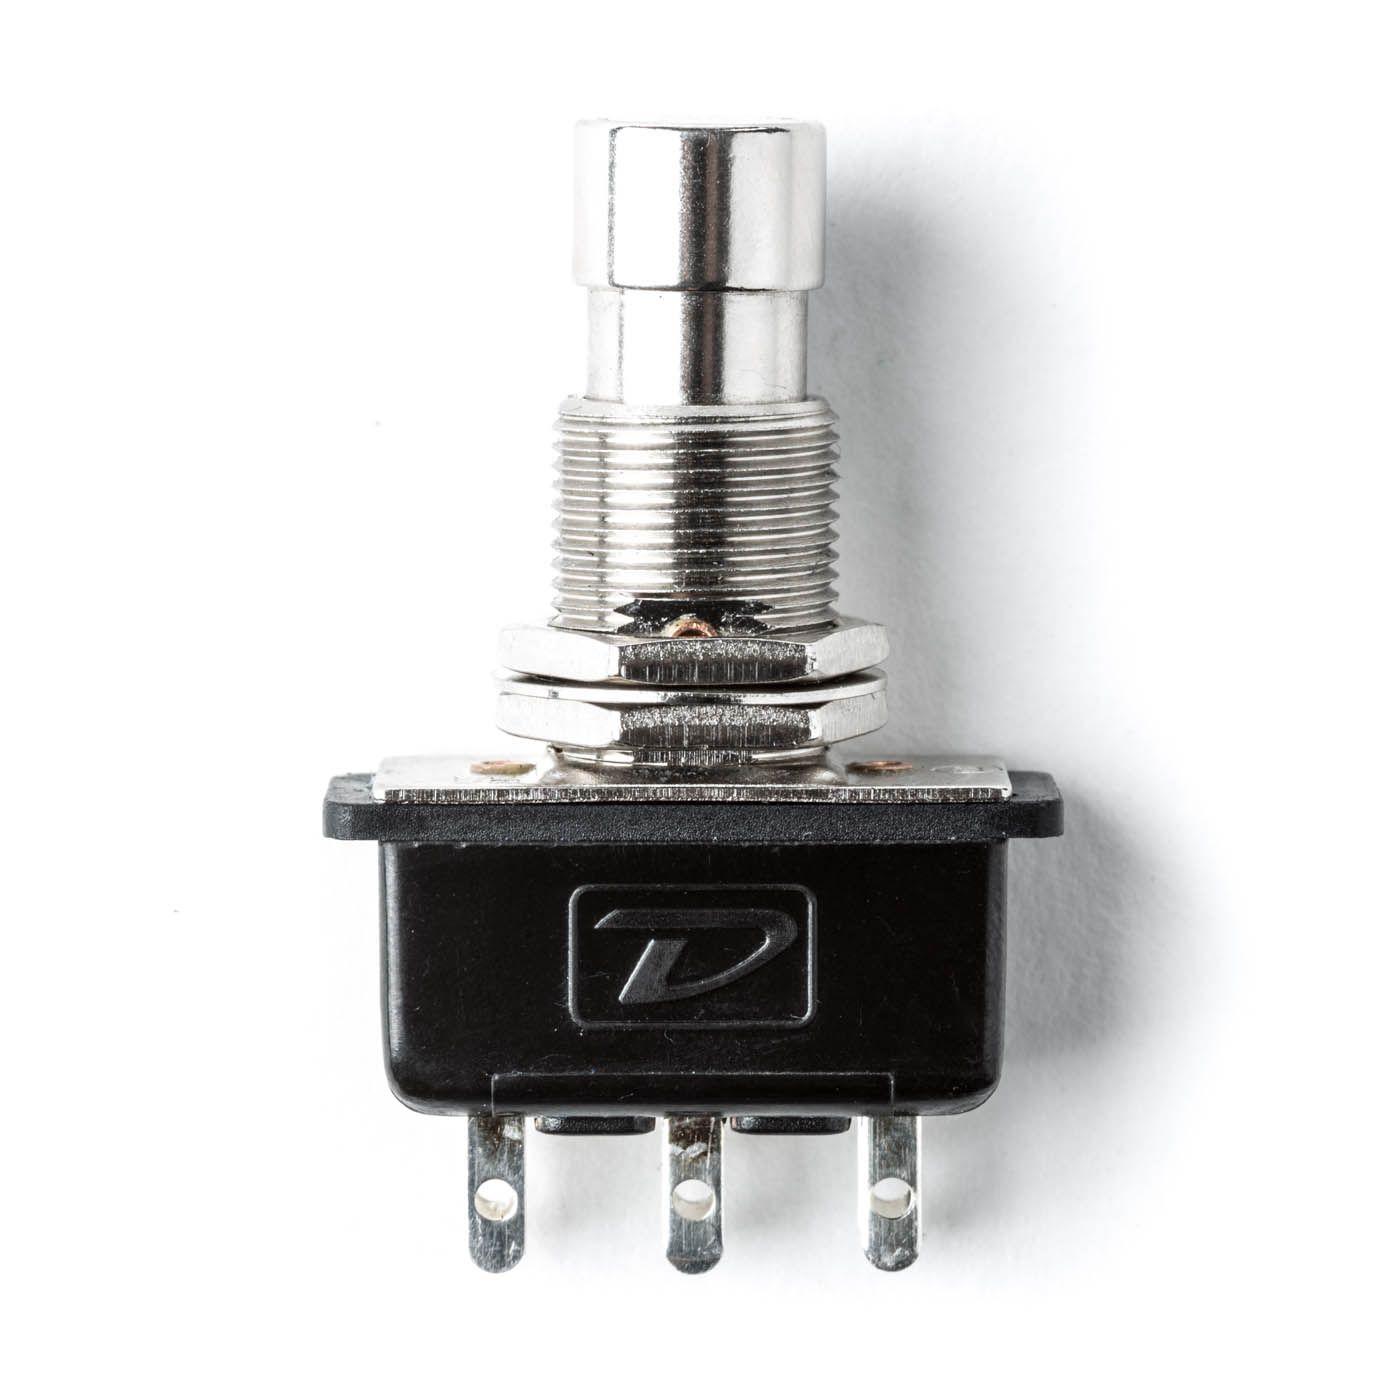 CHAVE DPDT GRANDE - ECB035 - MXR DUNLOP